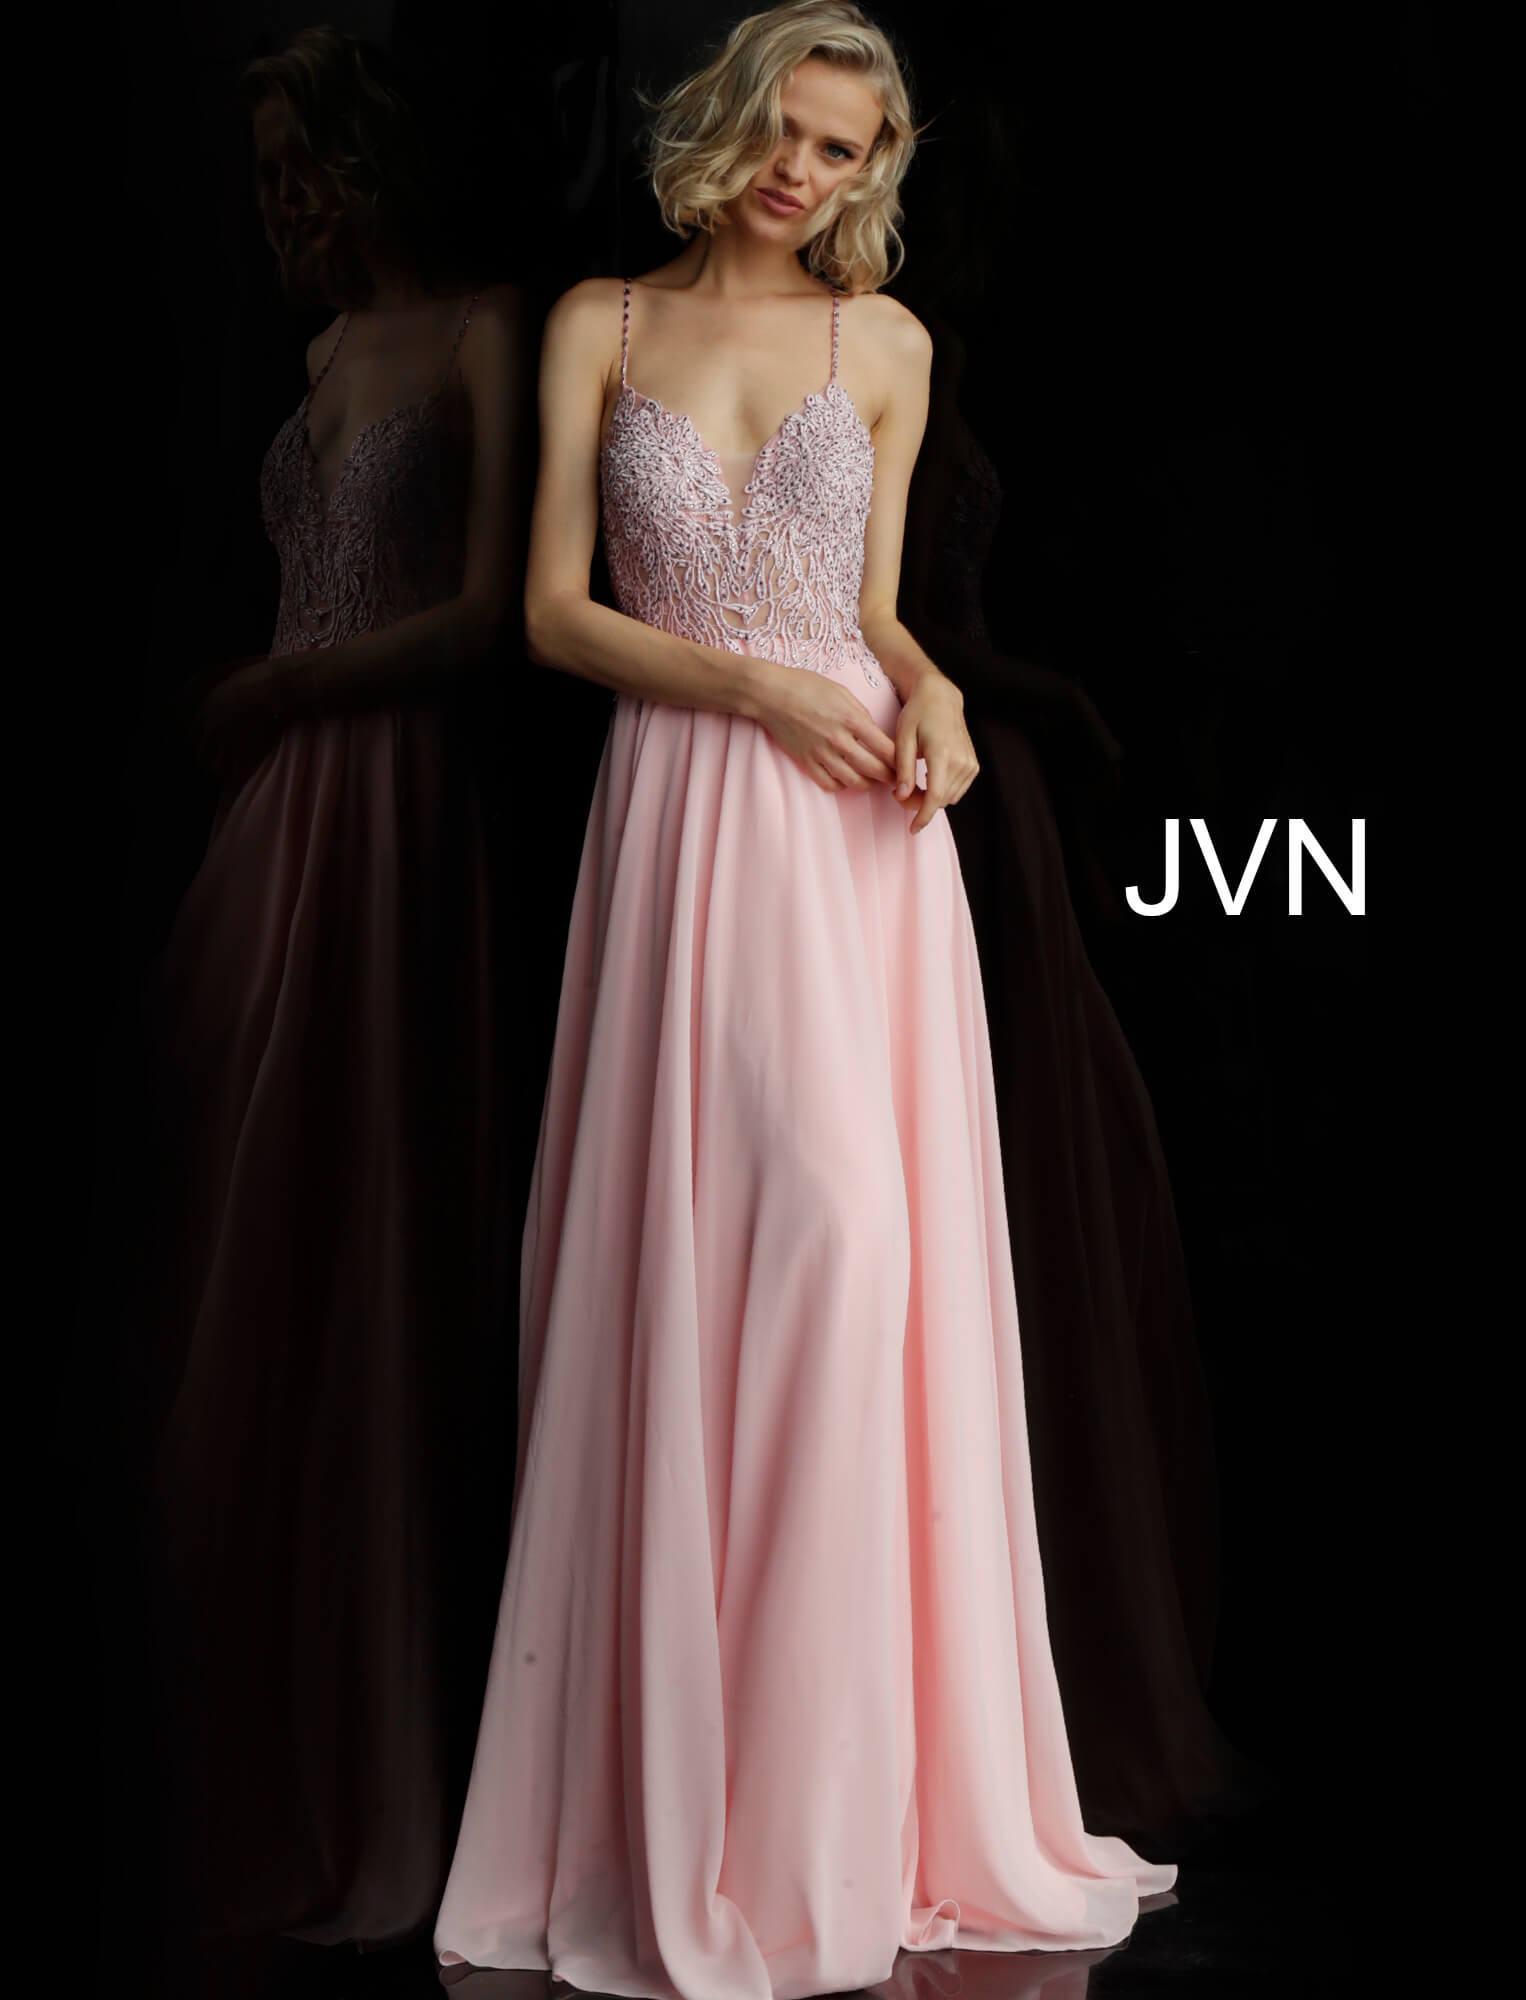 b631181750dd Jovani jvn67066 - V-Neckline Lace Bodice Long Chiffon Dress